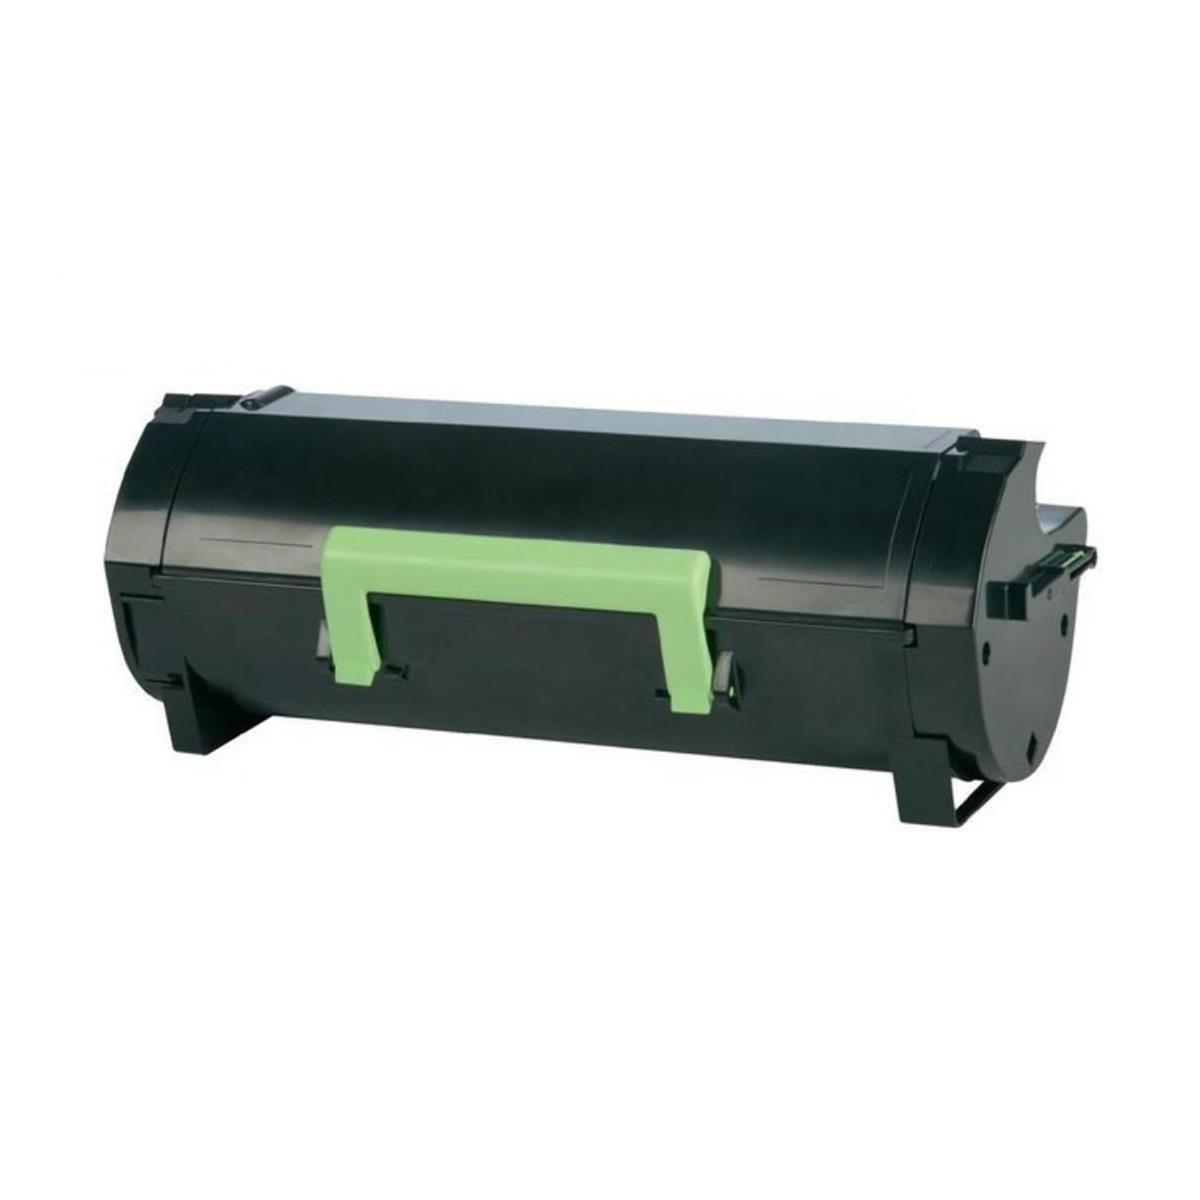 Toner Compatível com Lexmark [52D4H00]  MS710/MS810/MS811/MS812 Black 45.000 Páginas - Cartucho & Cia